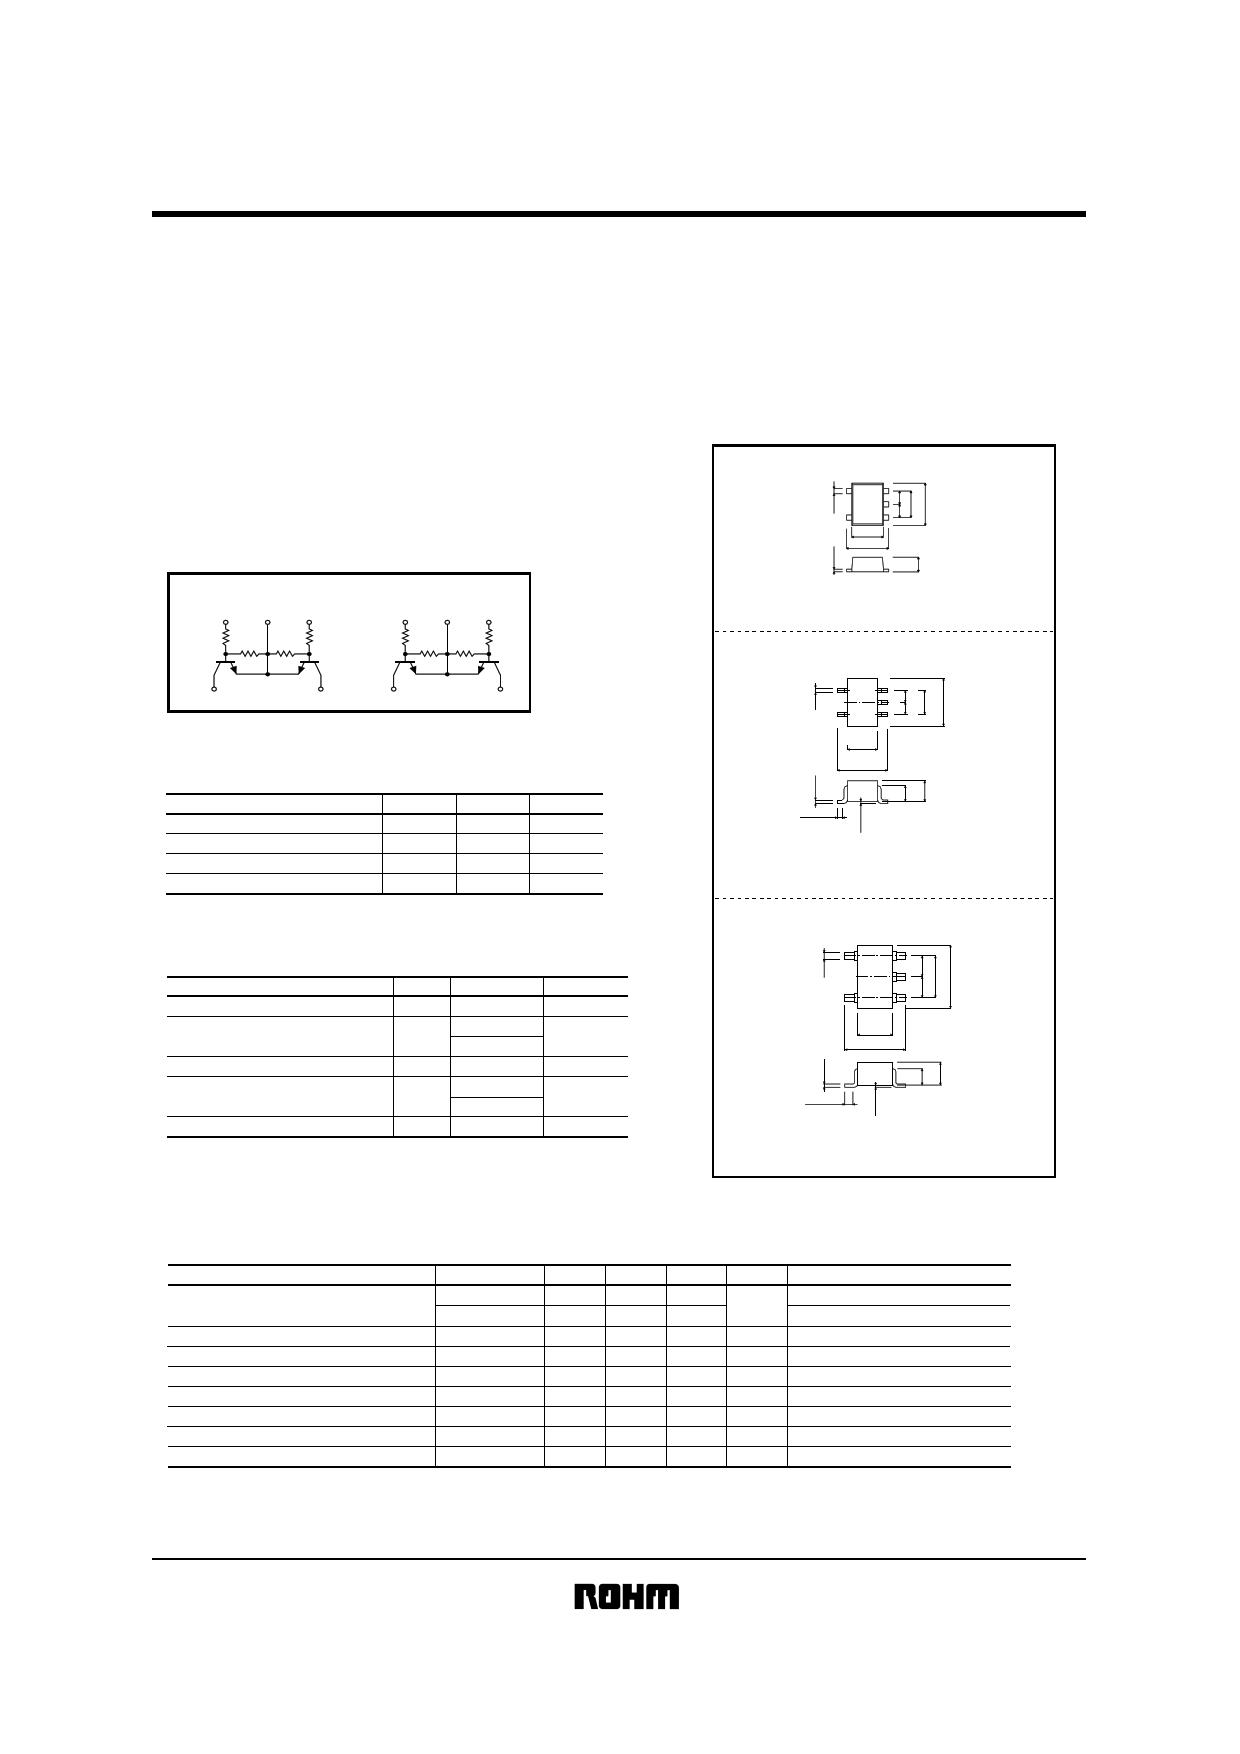 FMG11A دیتاشیت PDF